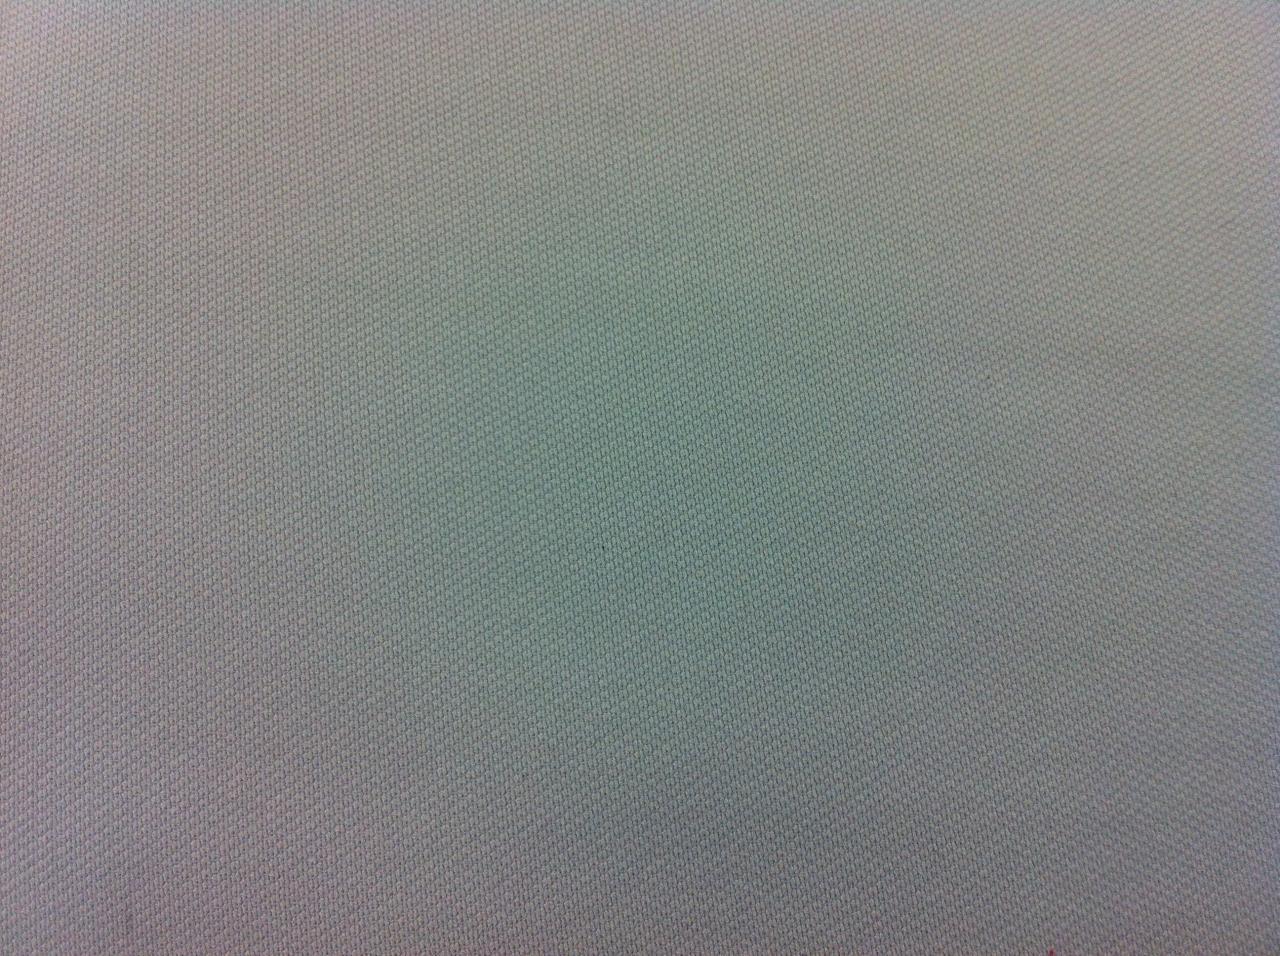 tissu ciel de toit gris monte sur mousse 2 mm. Black Bedroom Furniture Sets. Home Design Ideas